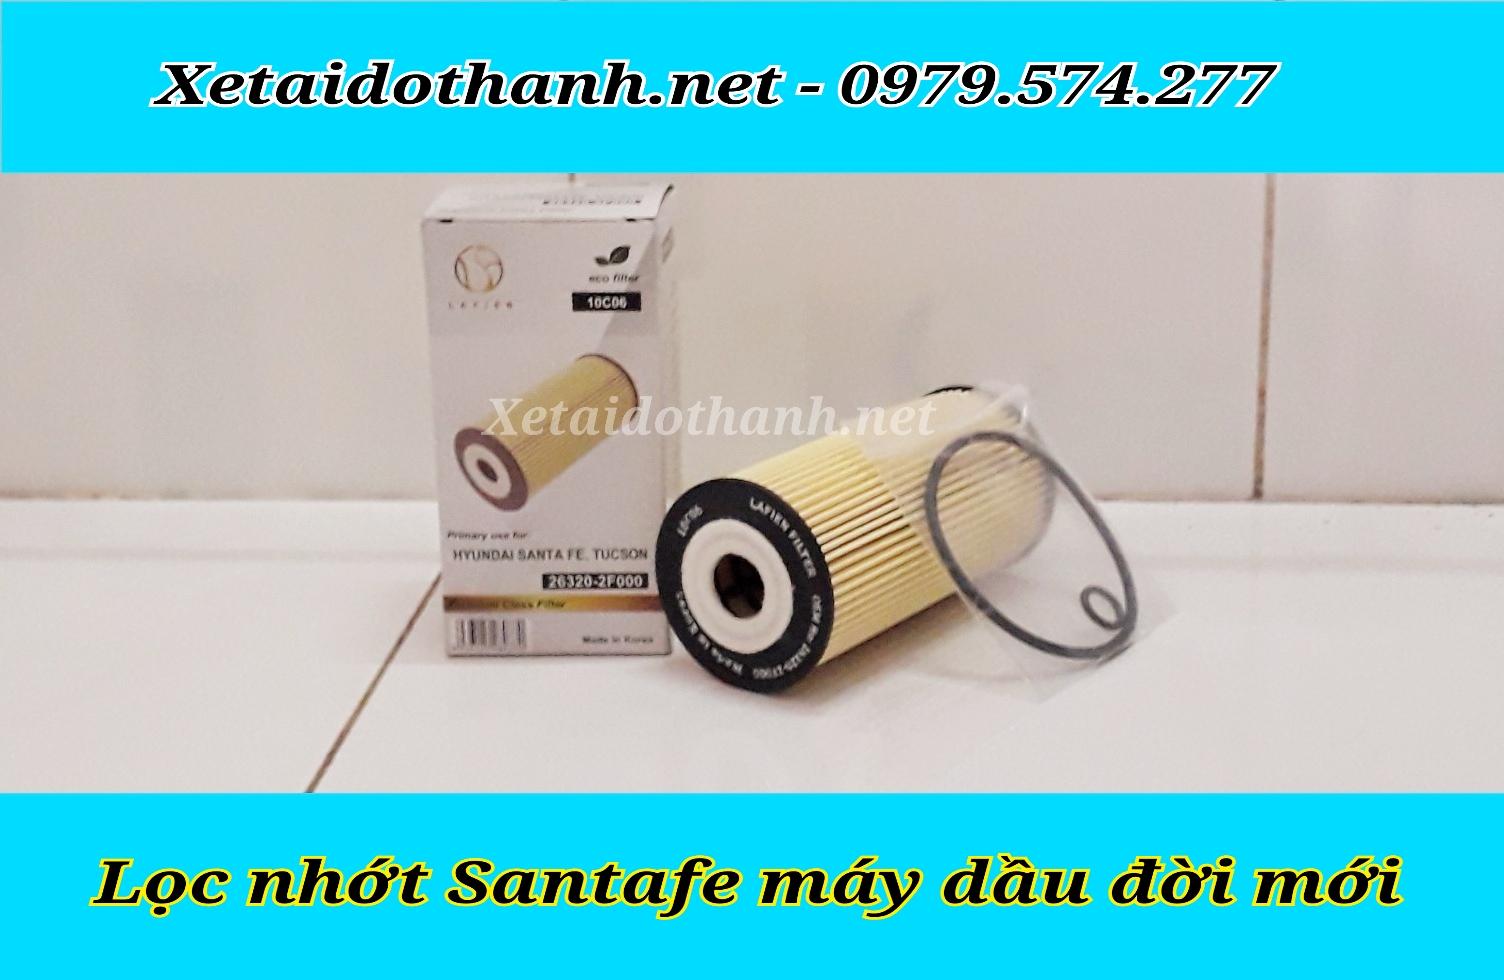 Lọc Nhớt Hyundai Santafe chất lượng cao